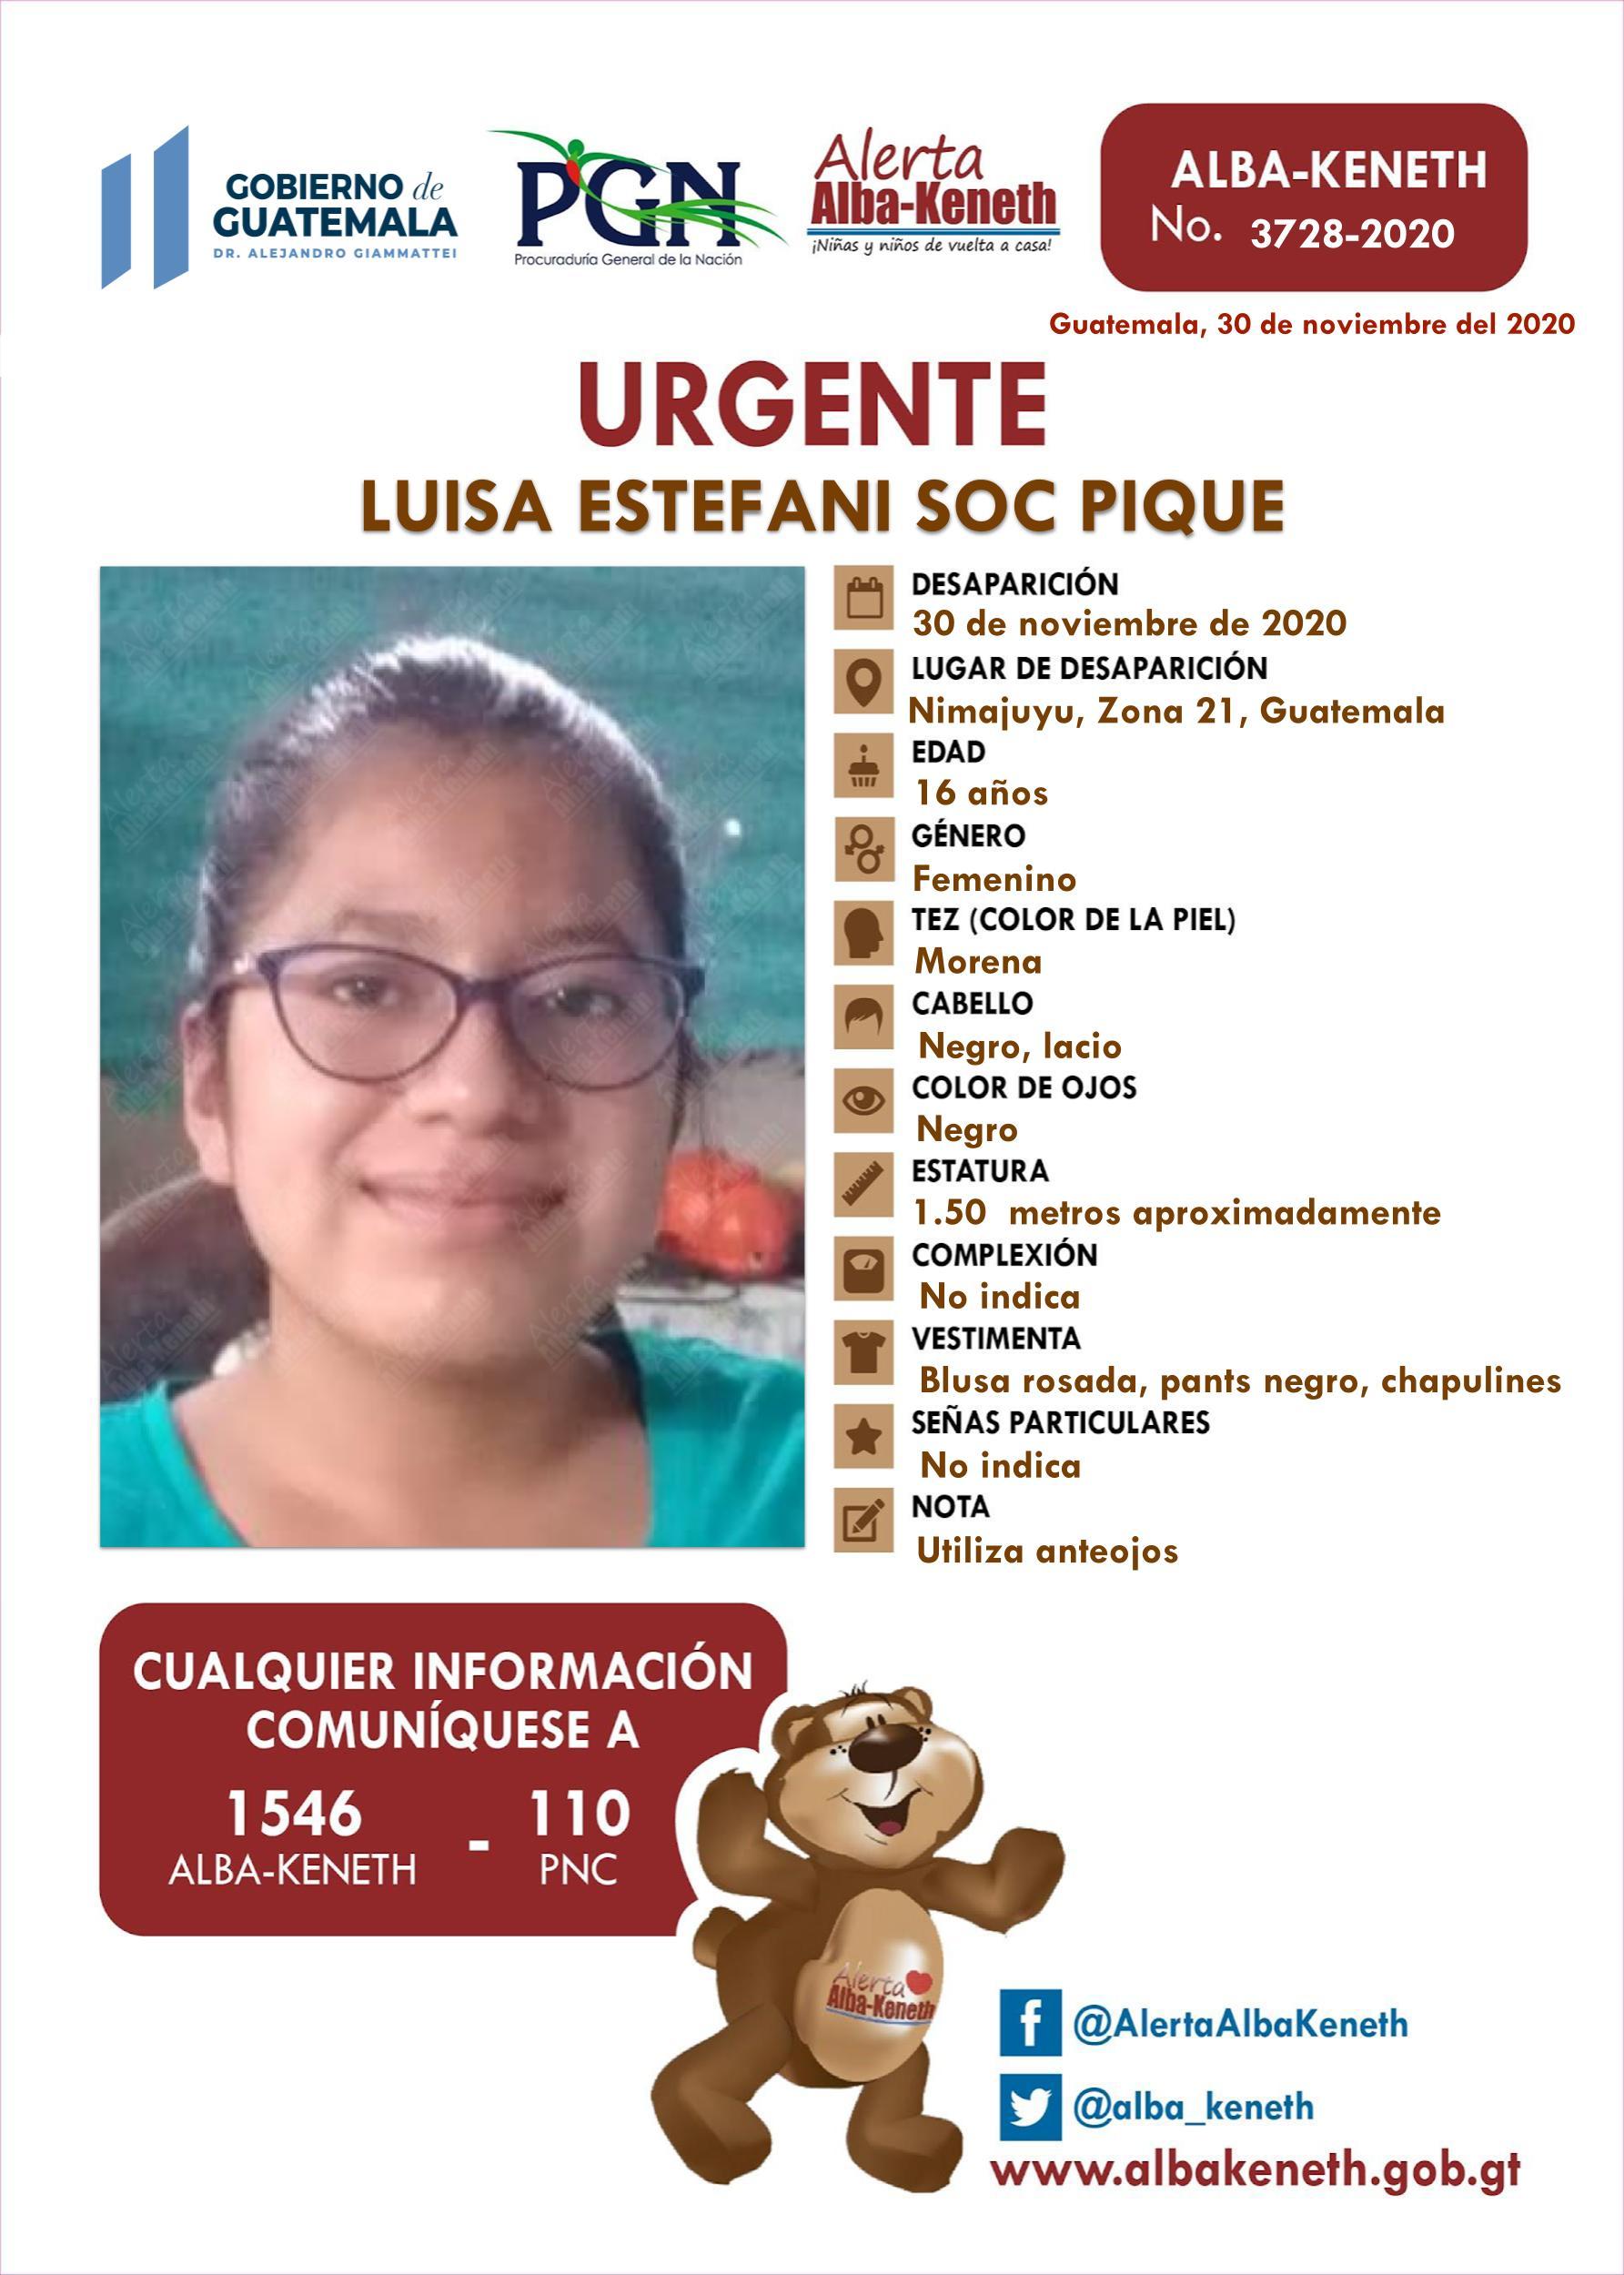 Luisa Estefani Soc Pique